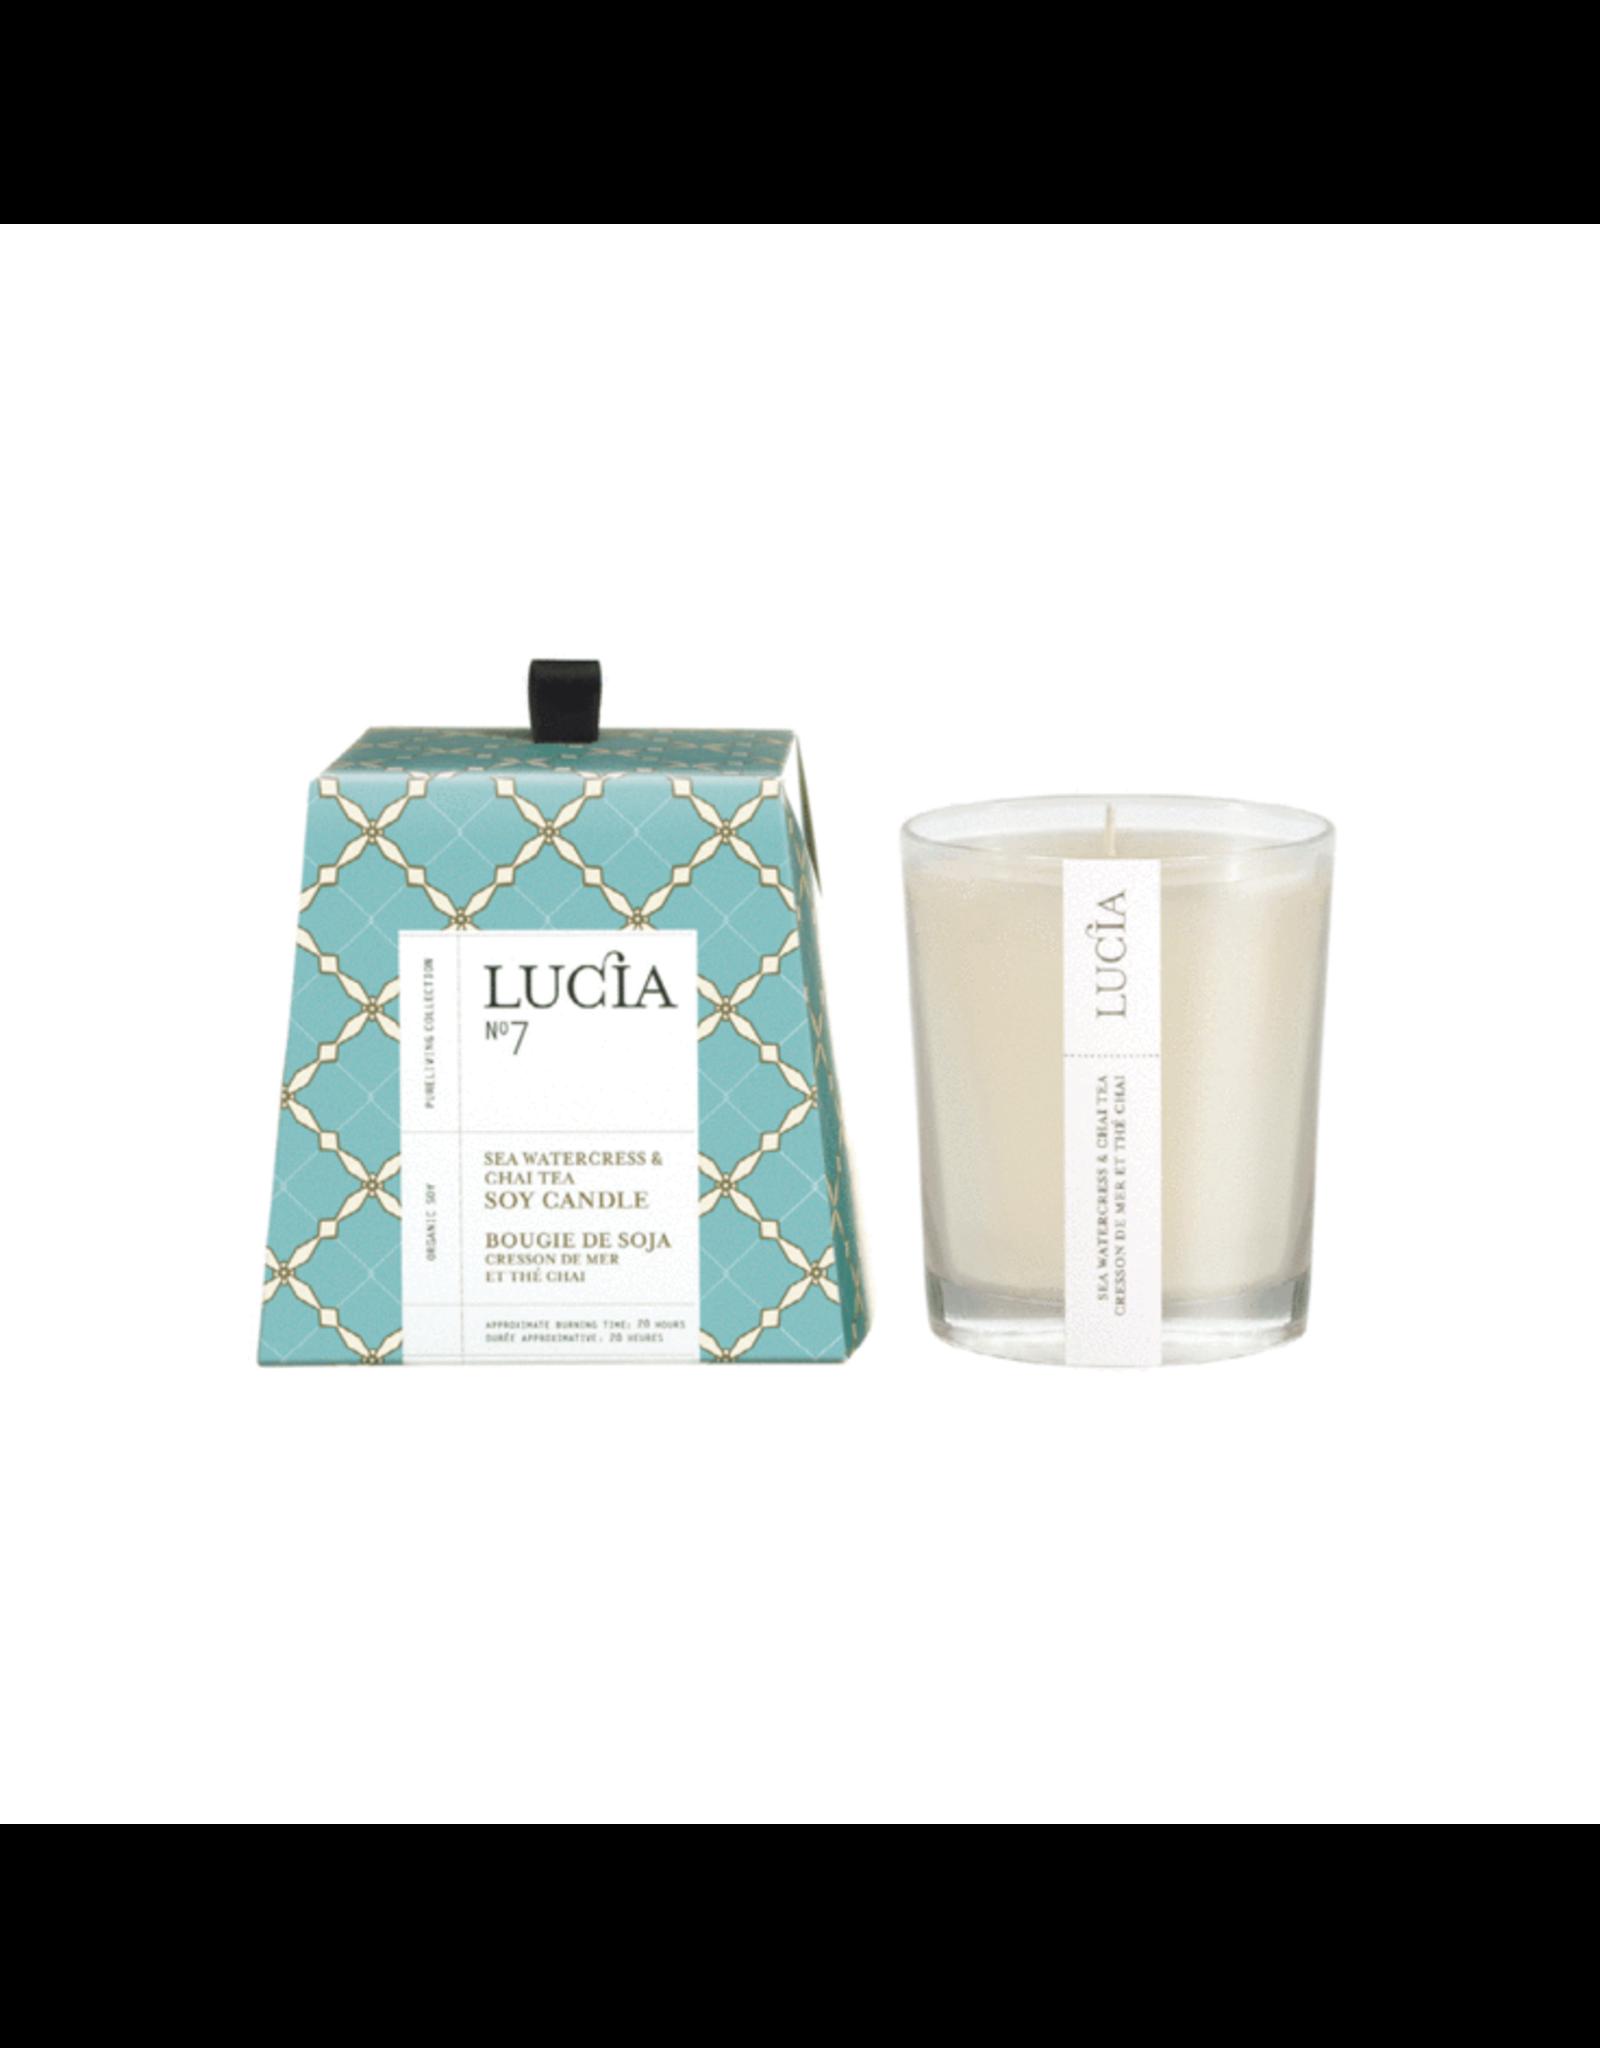 Lucia  # 7: Bougie  - Cresson de mer et thé chai 50h